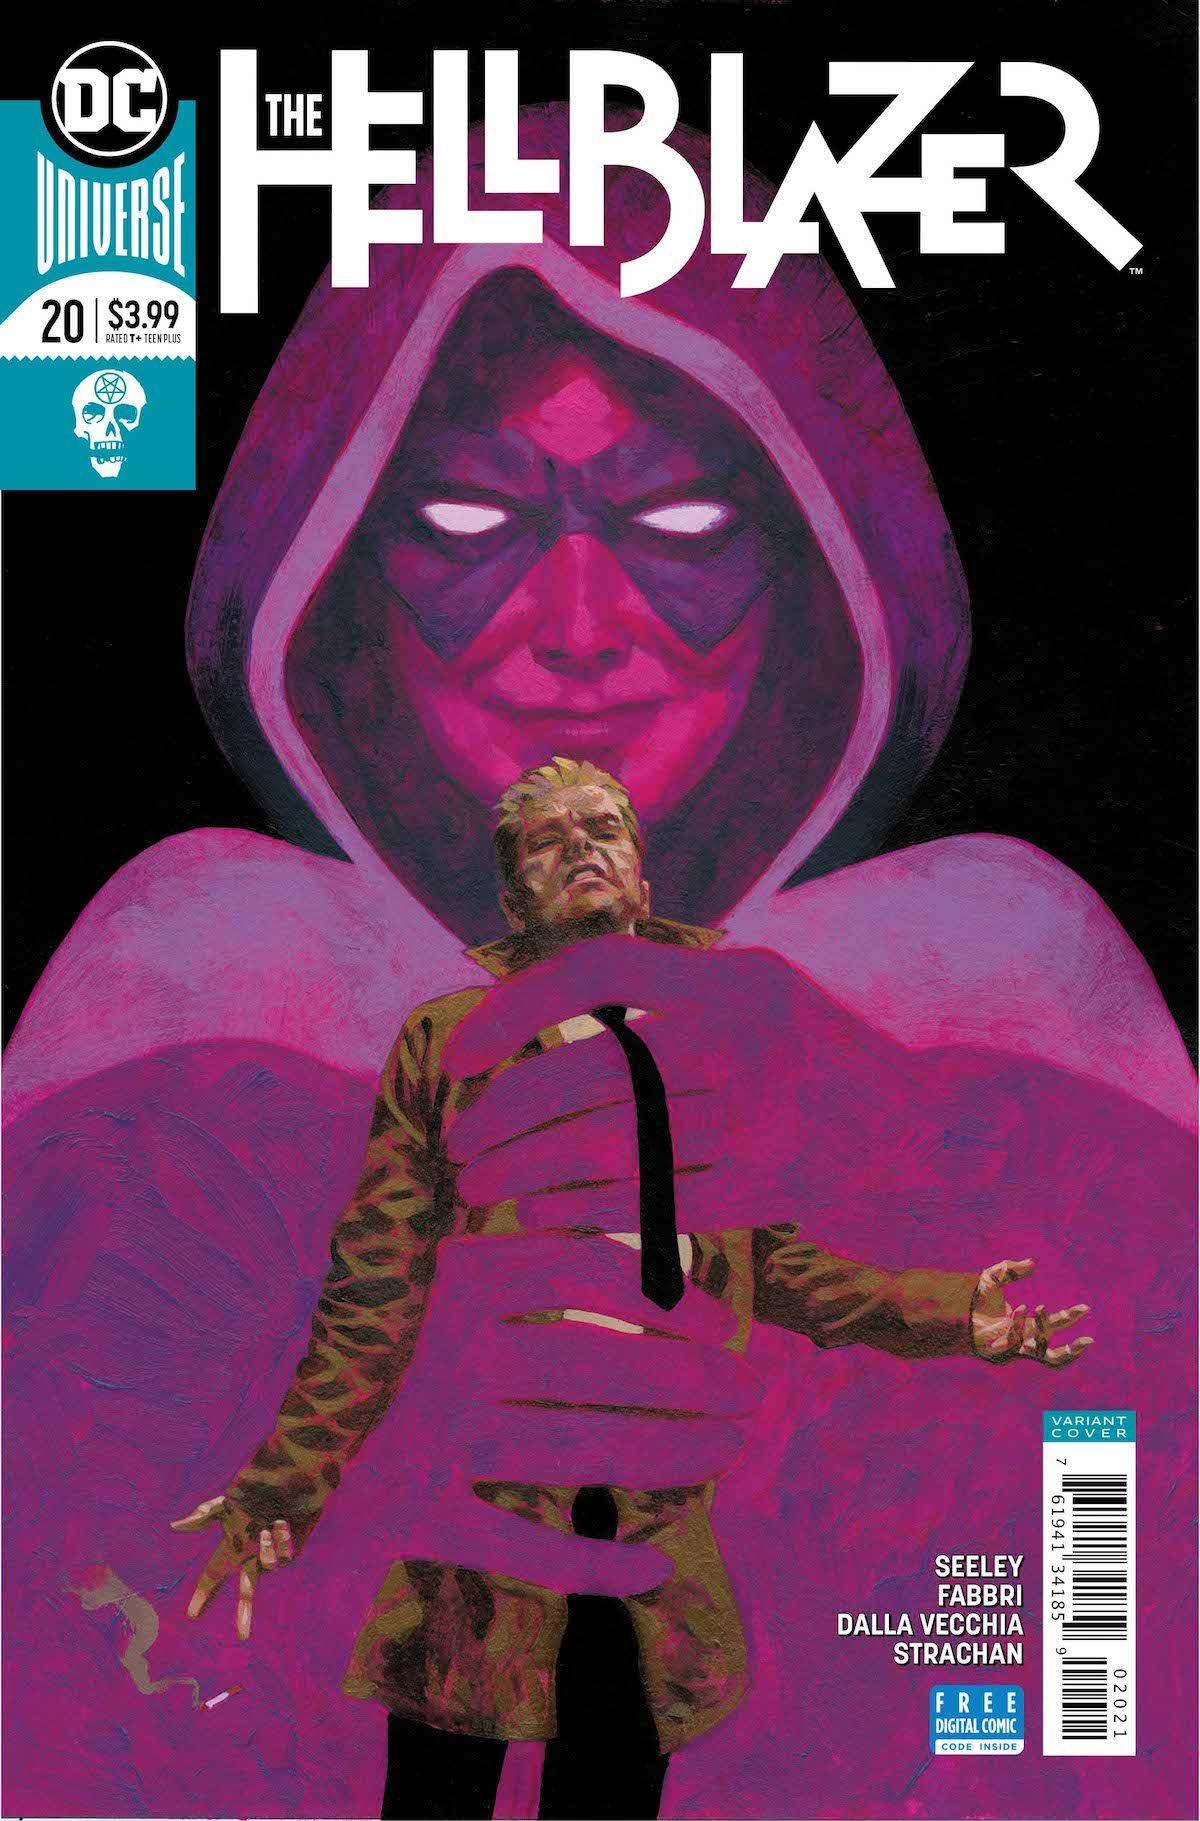 Hellblazer #20 variant cover